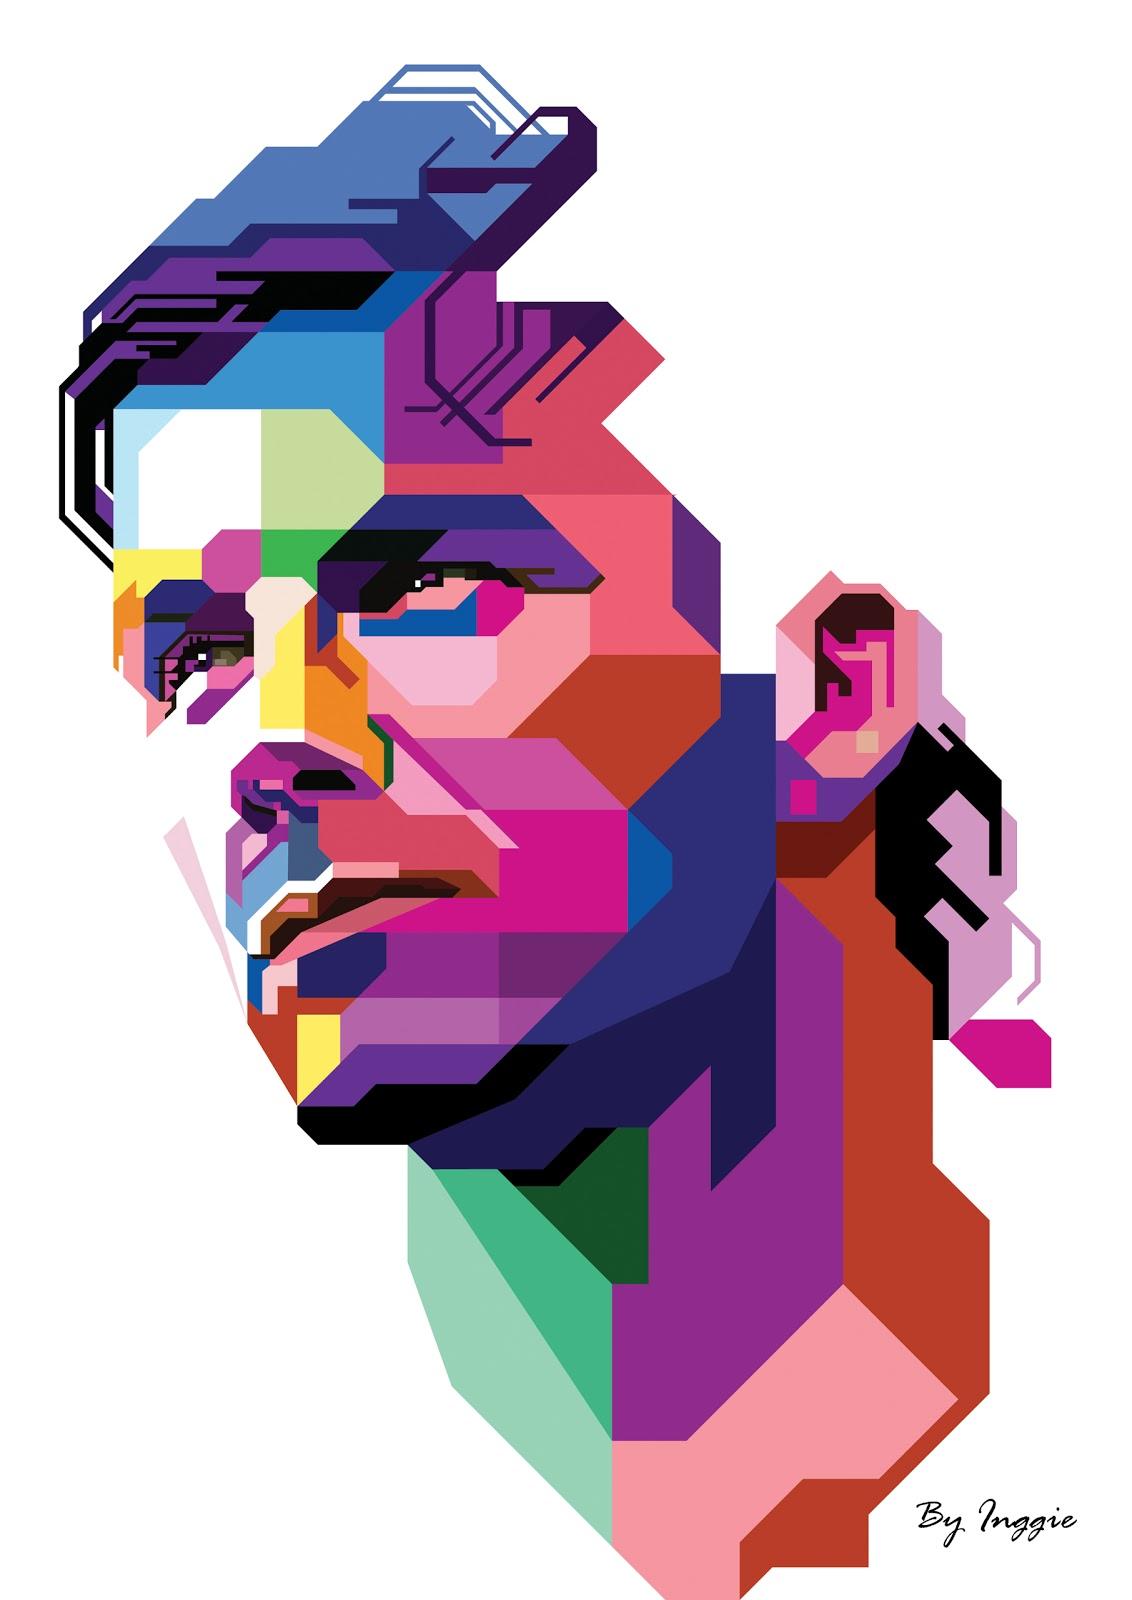 http://4.bp.blogspot.com/-k4Xykz9pmyU/TyAWyejzaOI/AAAAAAAAAas/e50xCfCfARw/s1600/David-Beckham%2Bcol.jpg